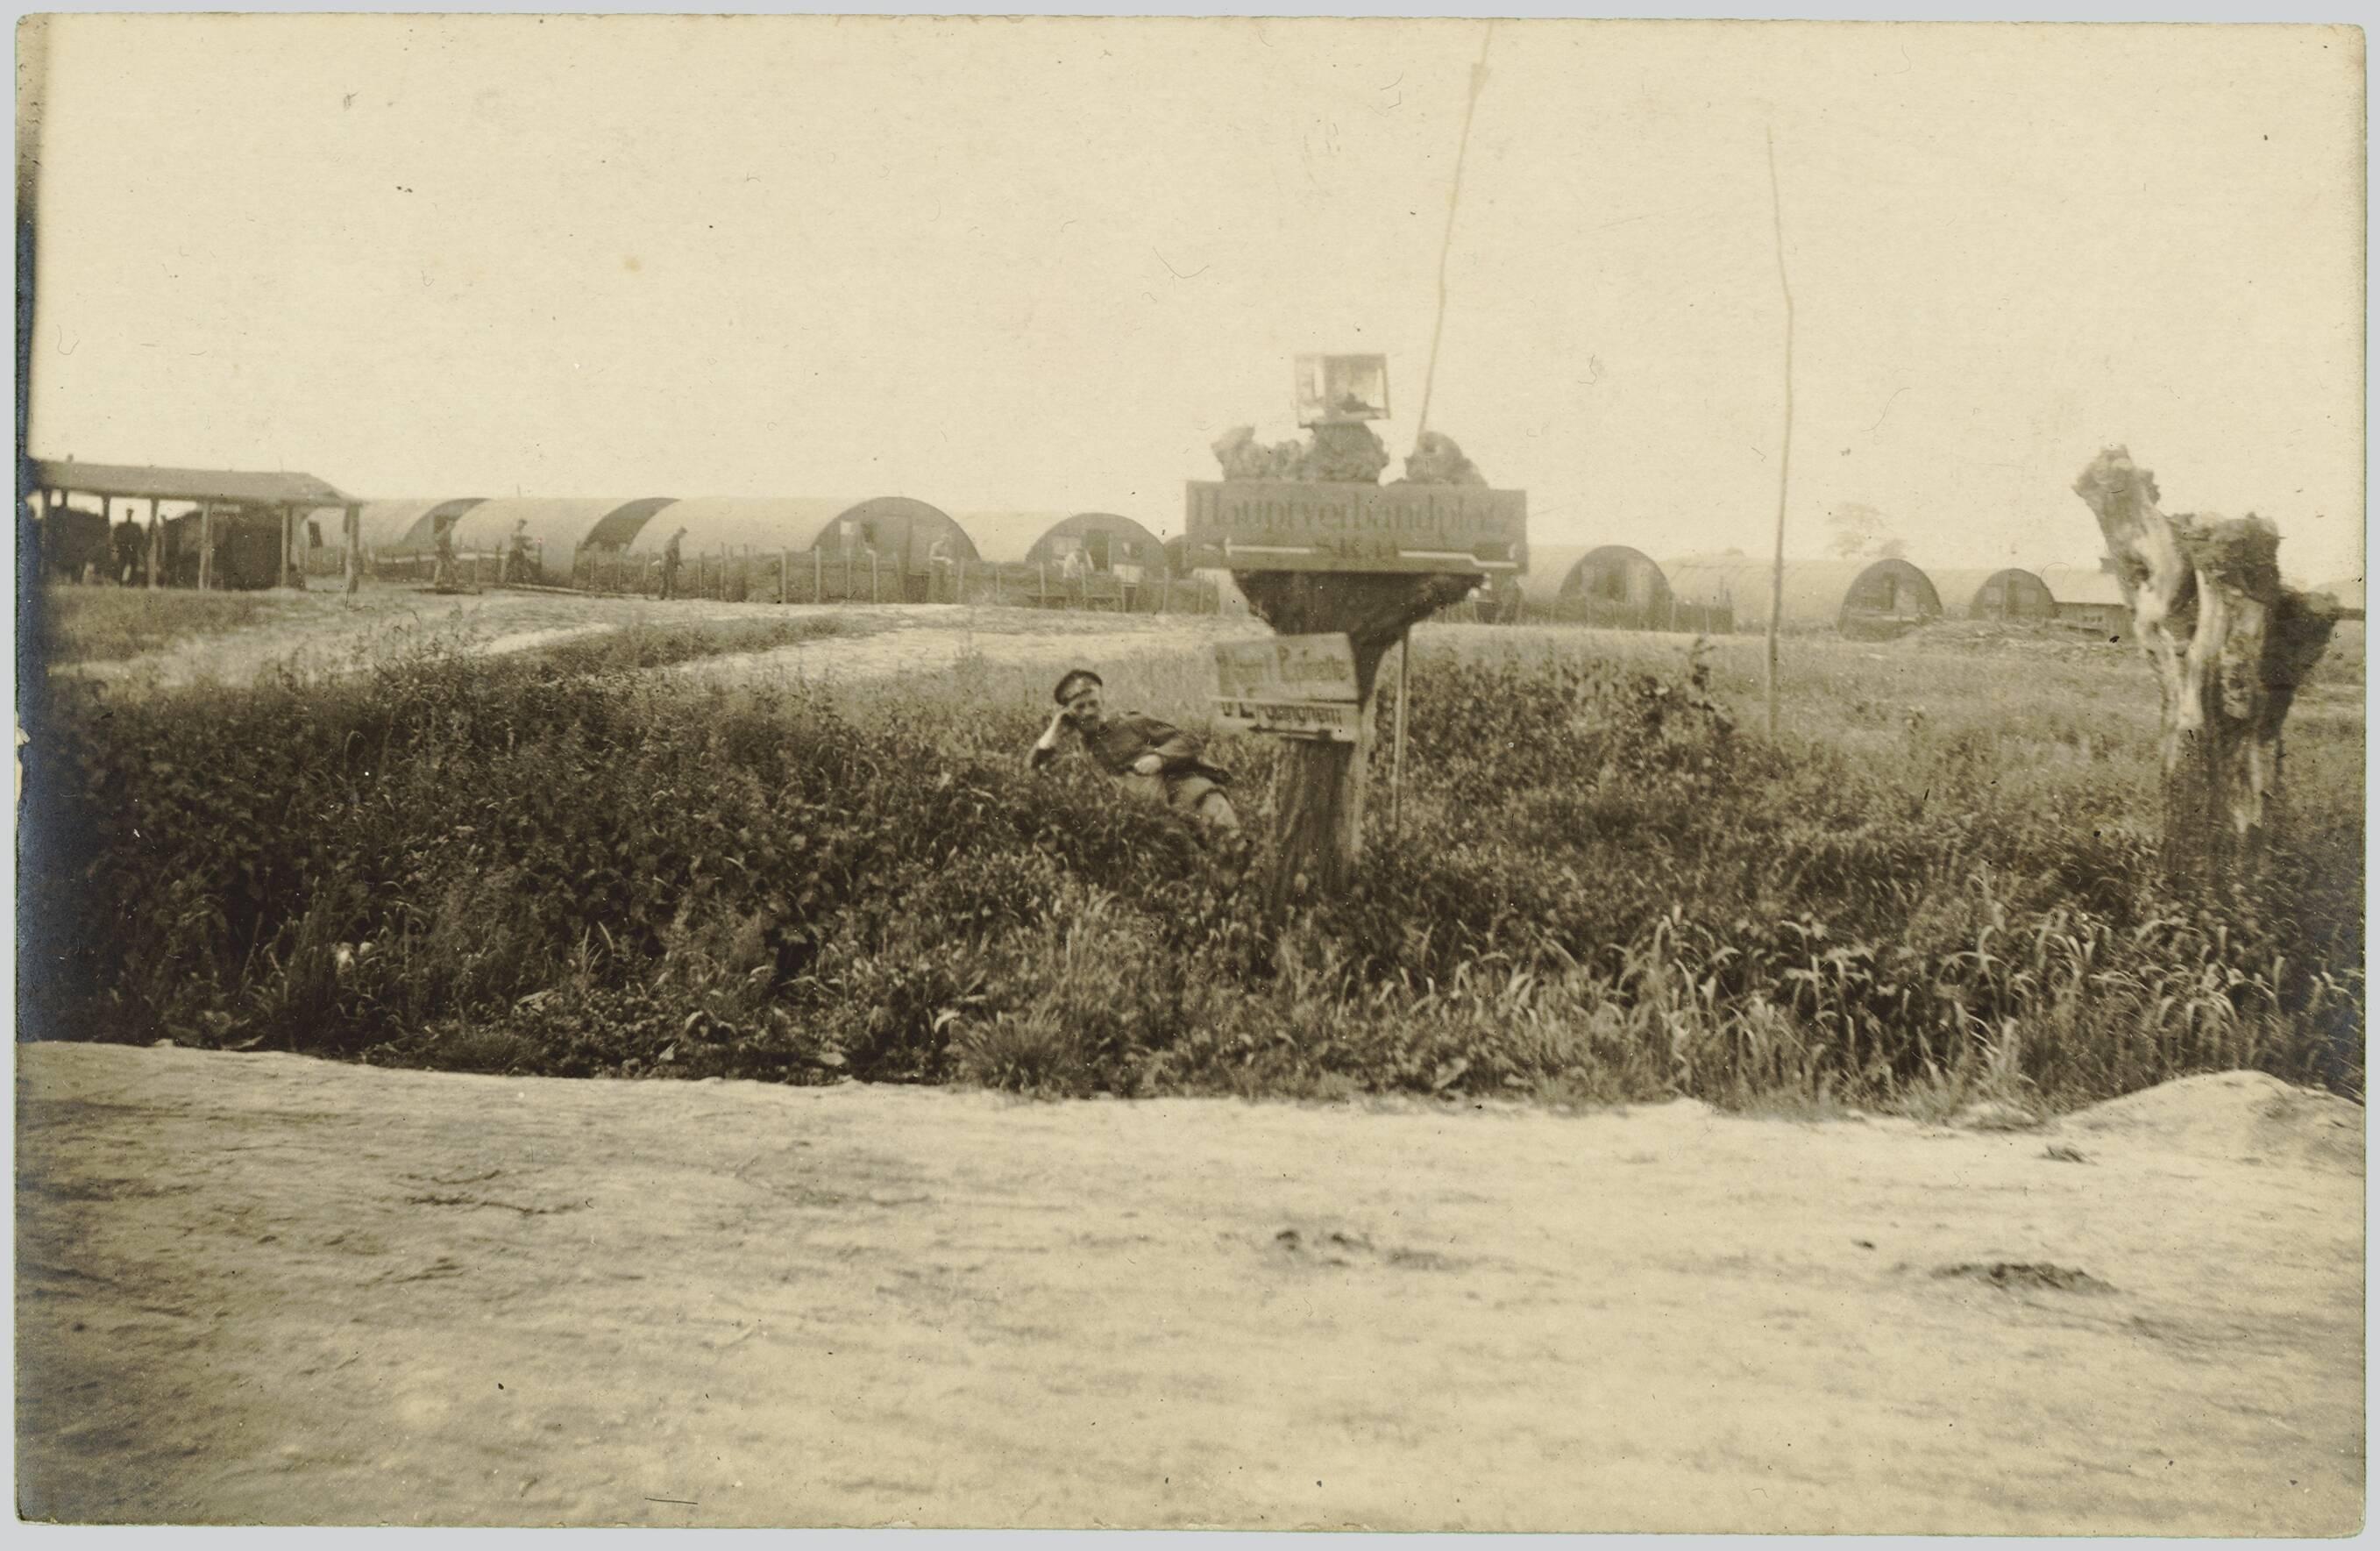 CARTE-PHOTO MONTRANT UN SOLDAT ALLEMAND ALLONGE EN BORDURE D'UN CHEMIN. CAMP D'AVIATION EN ARRIERE PLAN